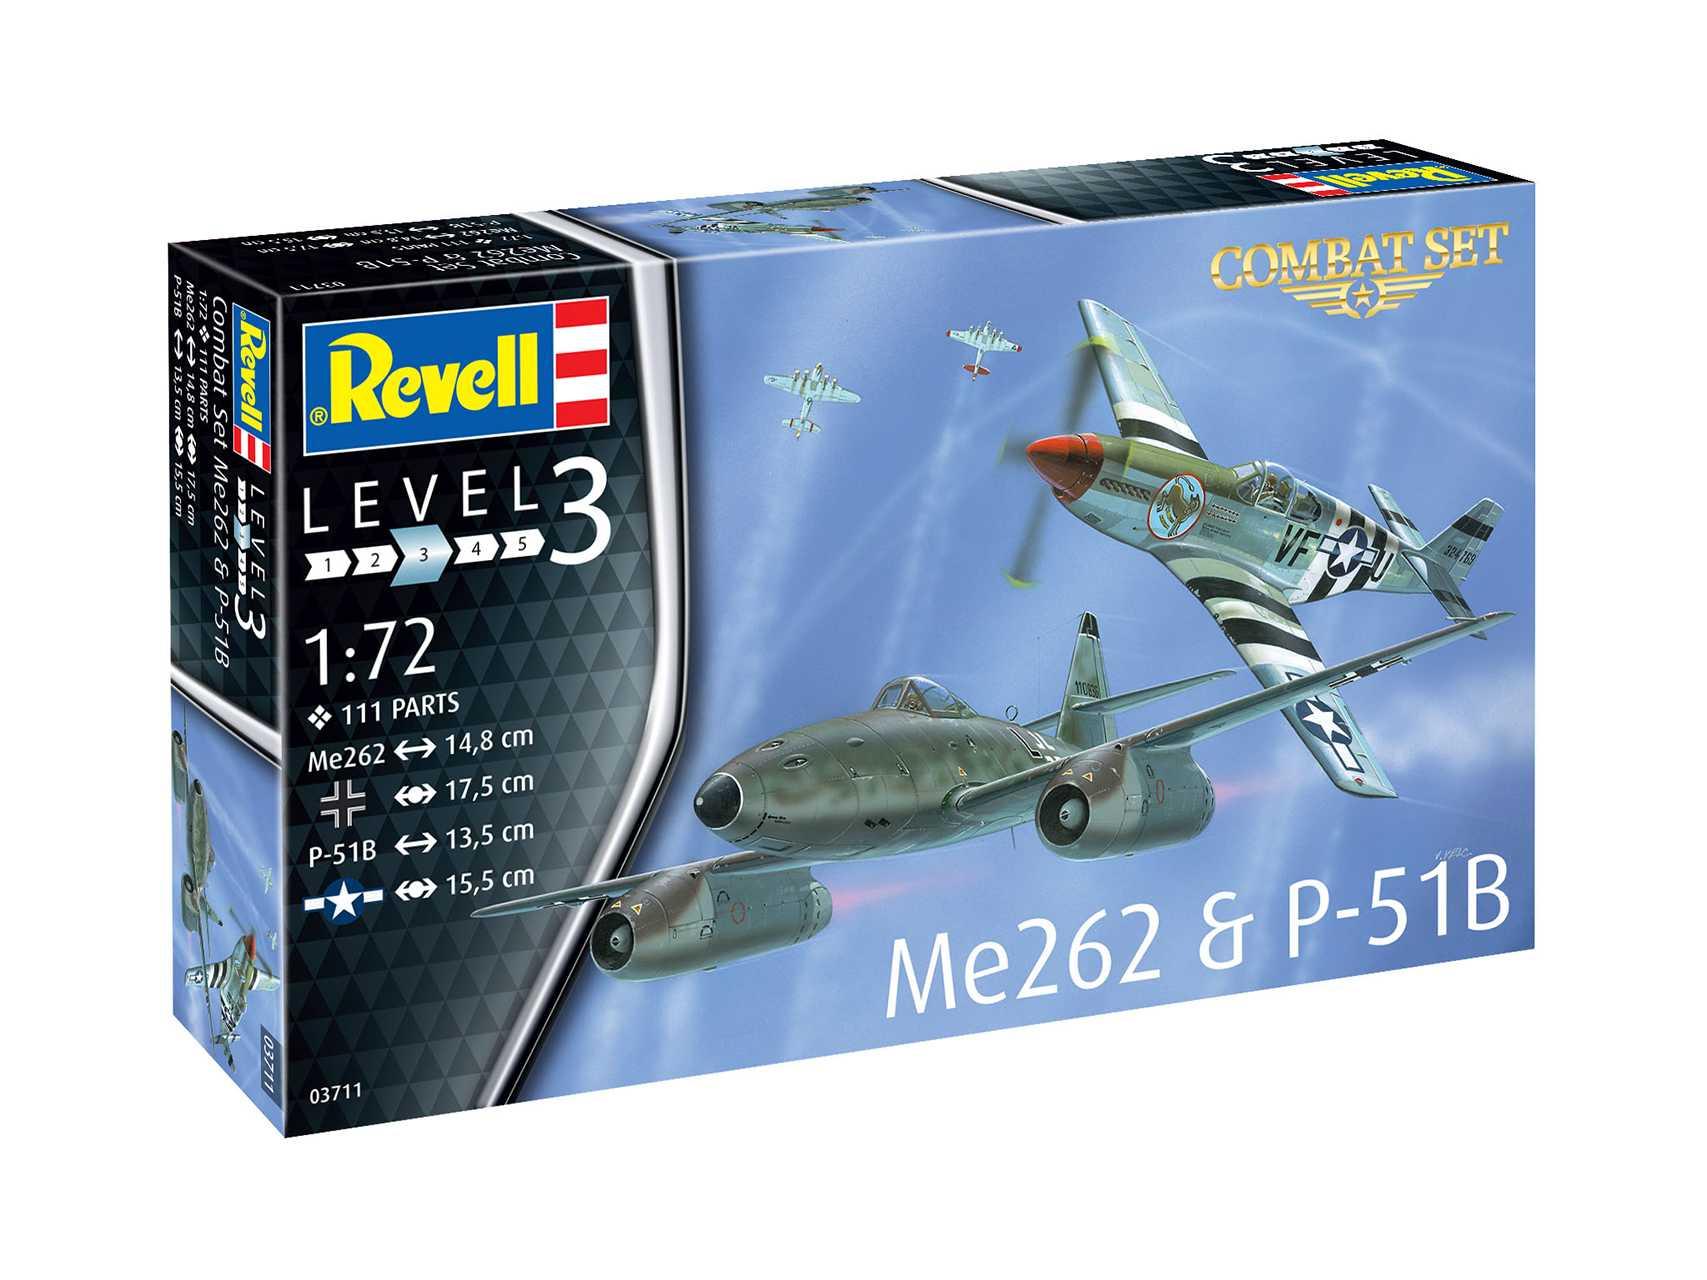 1:72 Messerschmitt Me 262 & North American P-51B (Model Set)